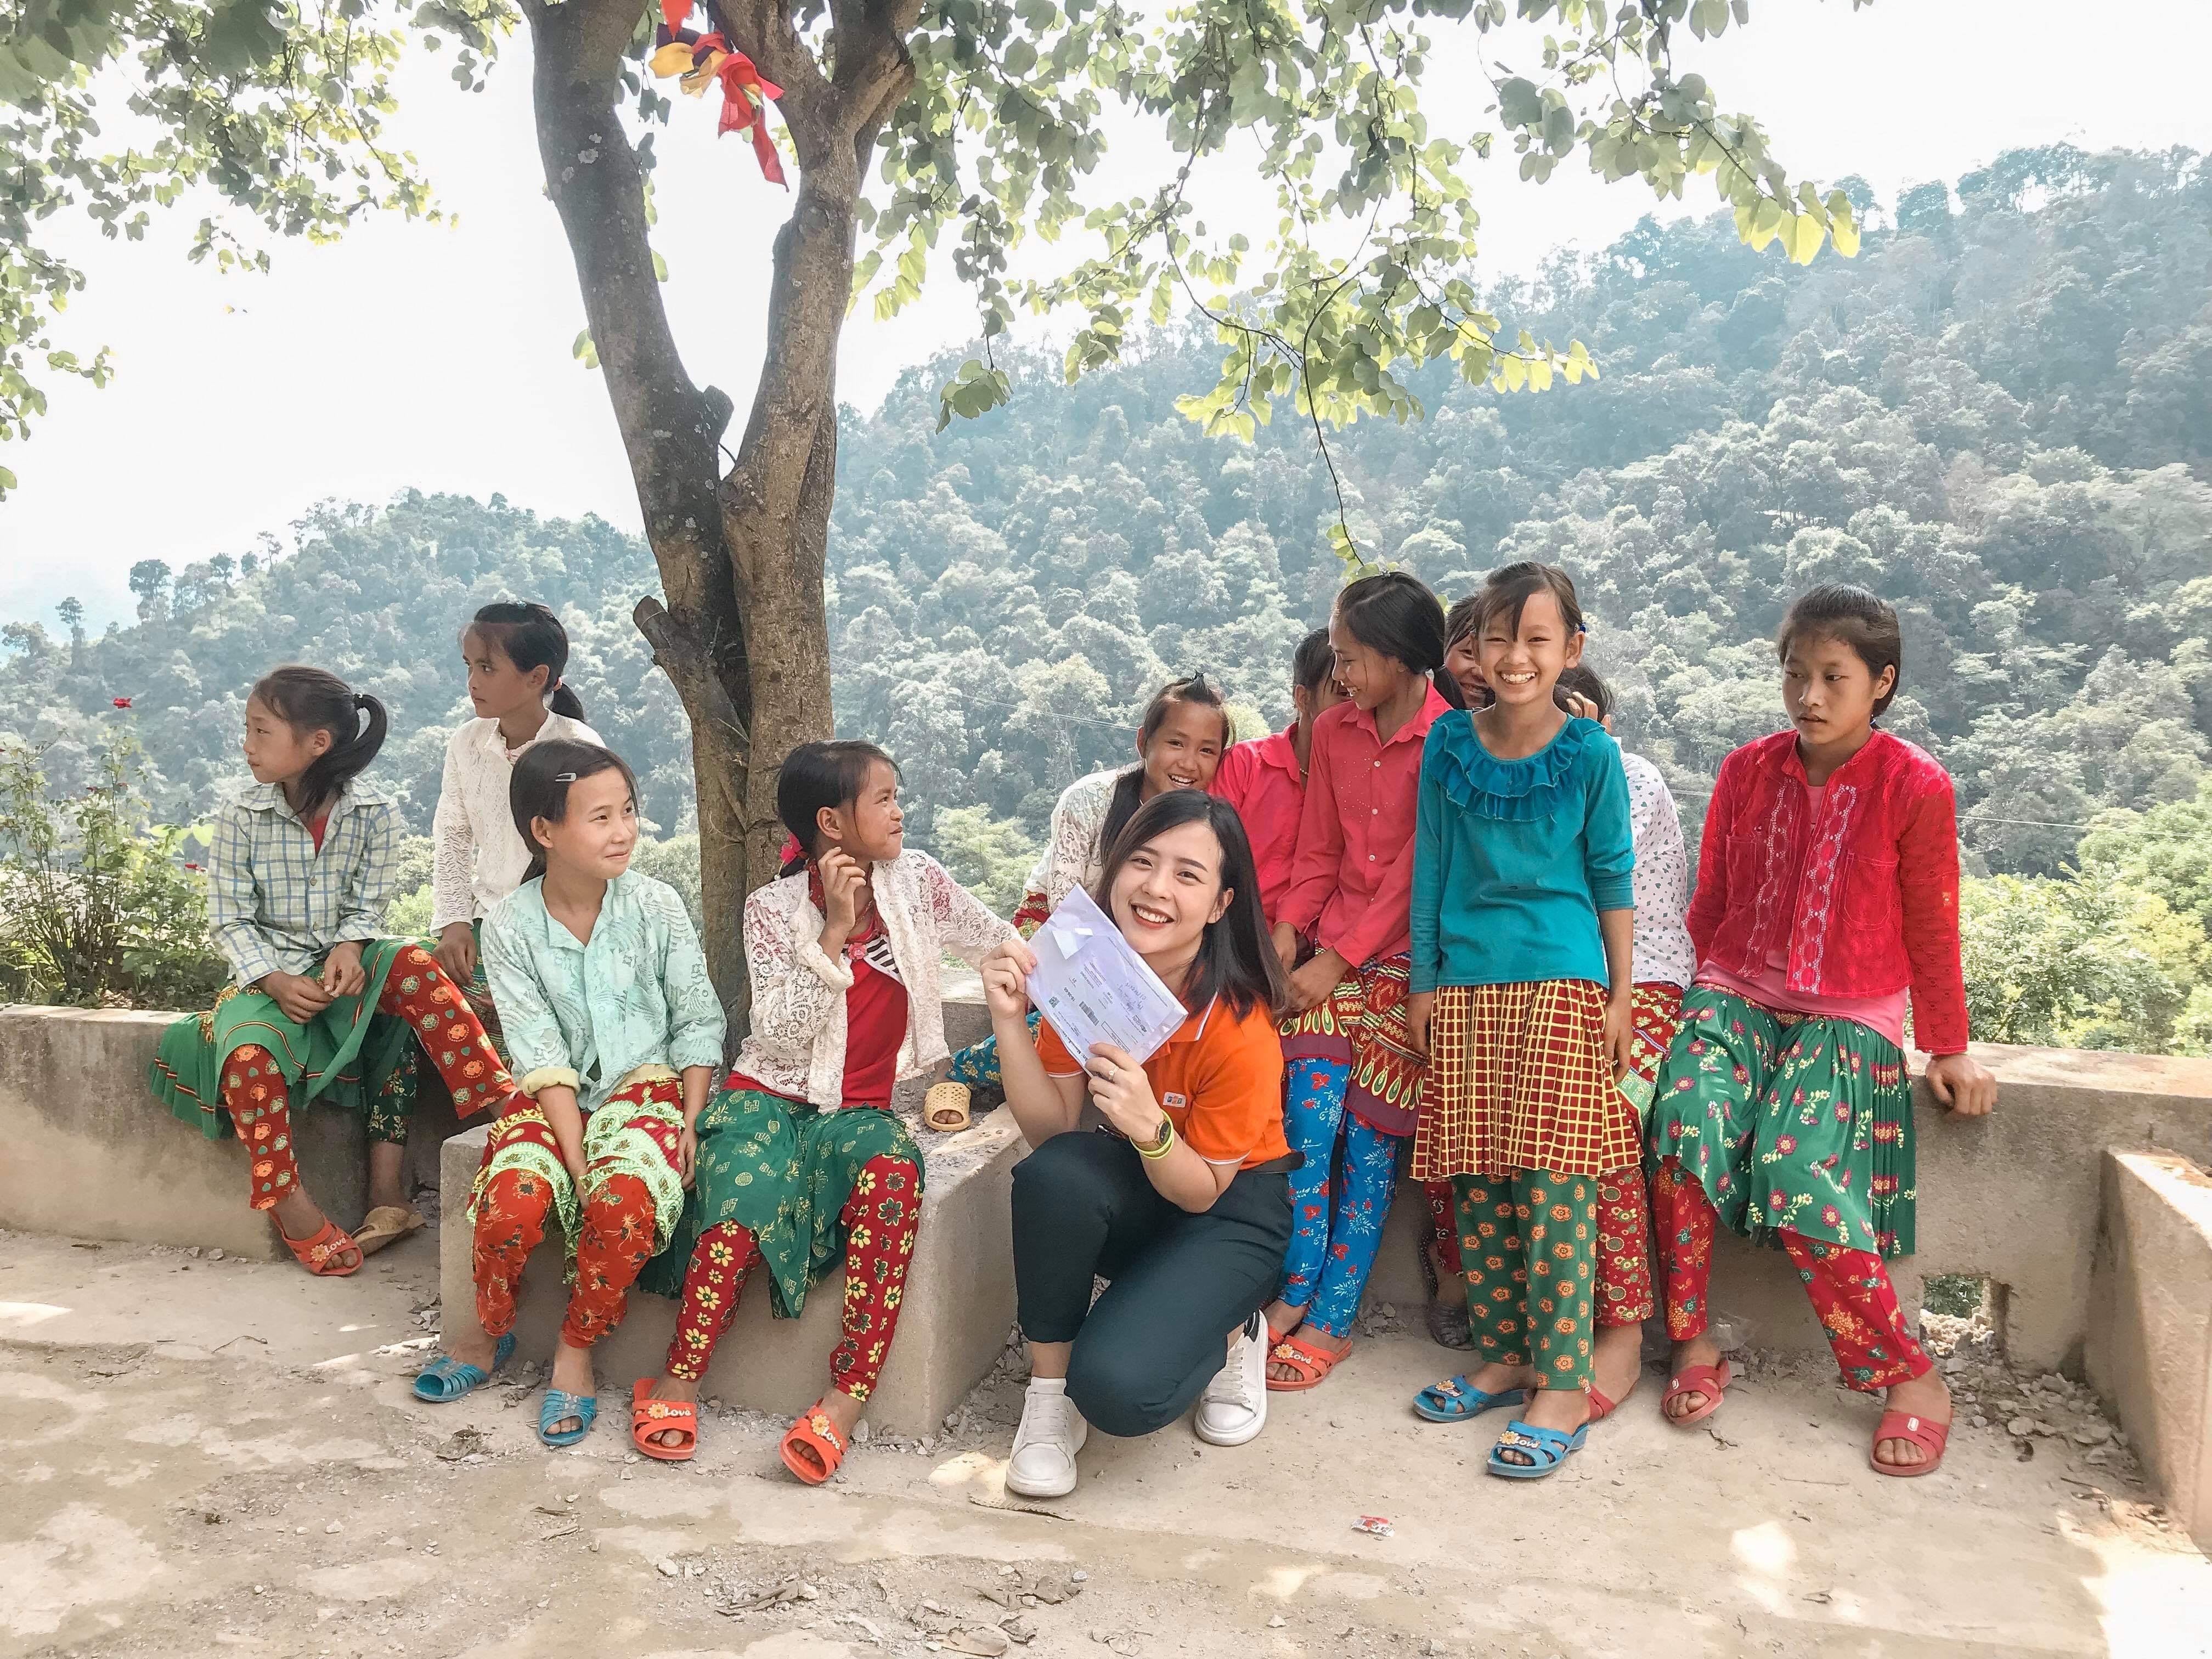 Trong ba ngày 23 -25/8, đoàn FPT Software tổ chức chương trình thiện nguyện tại Trường Phổ thông dân tộc bán trú THCS Khâu Vai, xã Khâu Vai, huyện Mèo Vạc, tỉnh Hà Giang. Chương trình nằm trong chuỗi hoạt động Hướng về quê hương do Quỹ người FPT vì cộng đồng phát động.